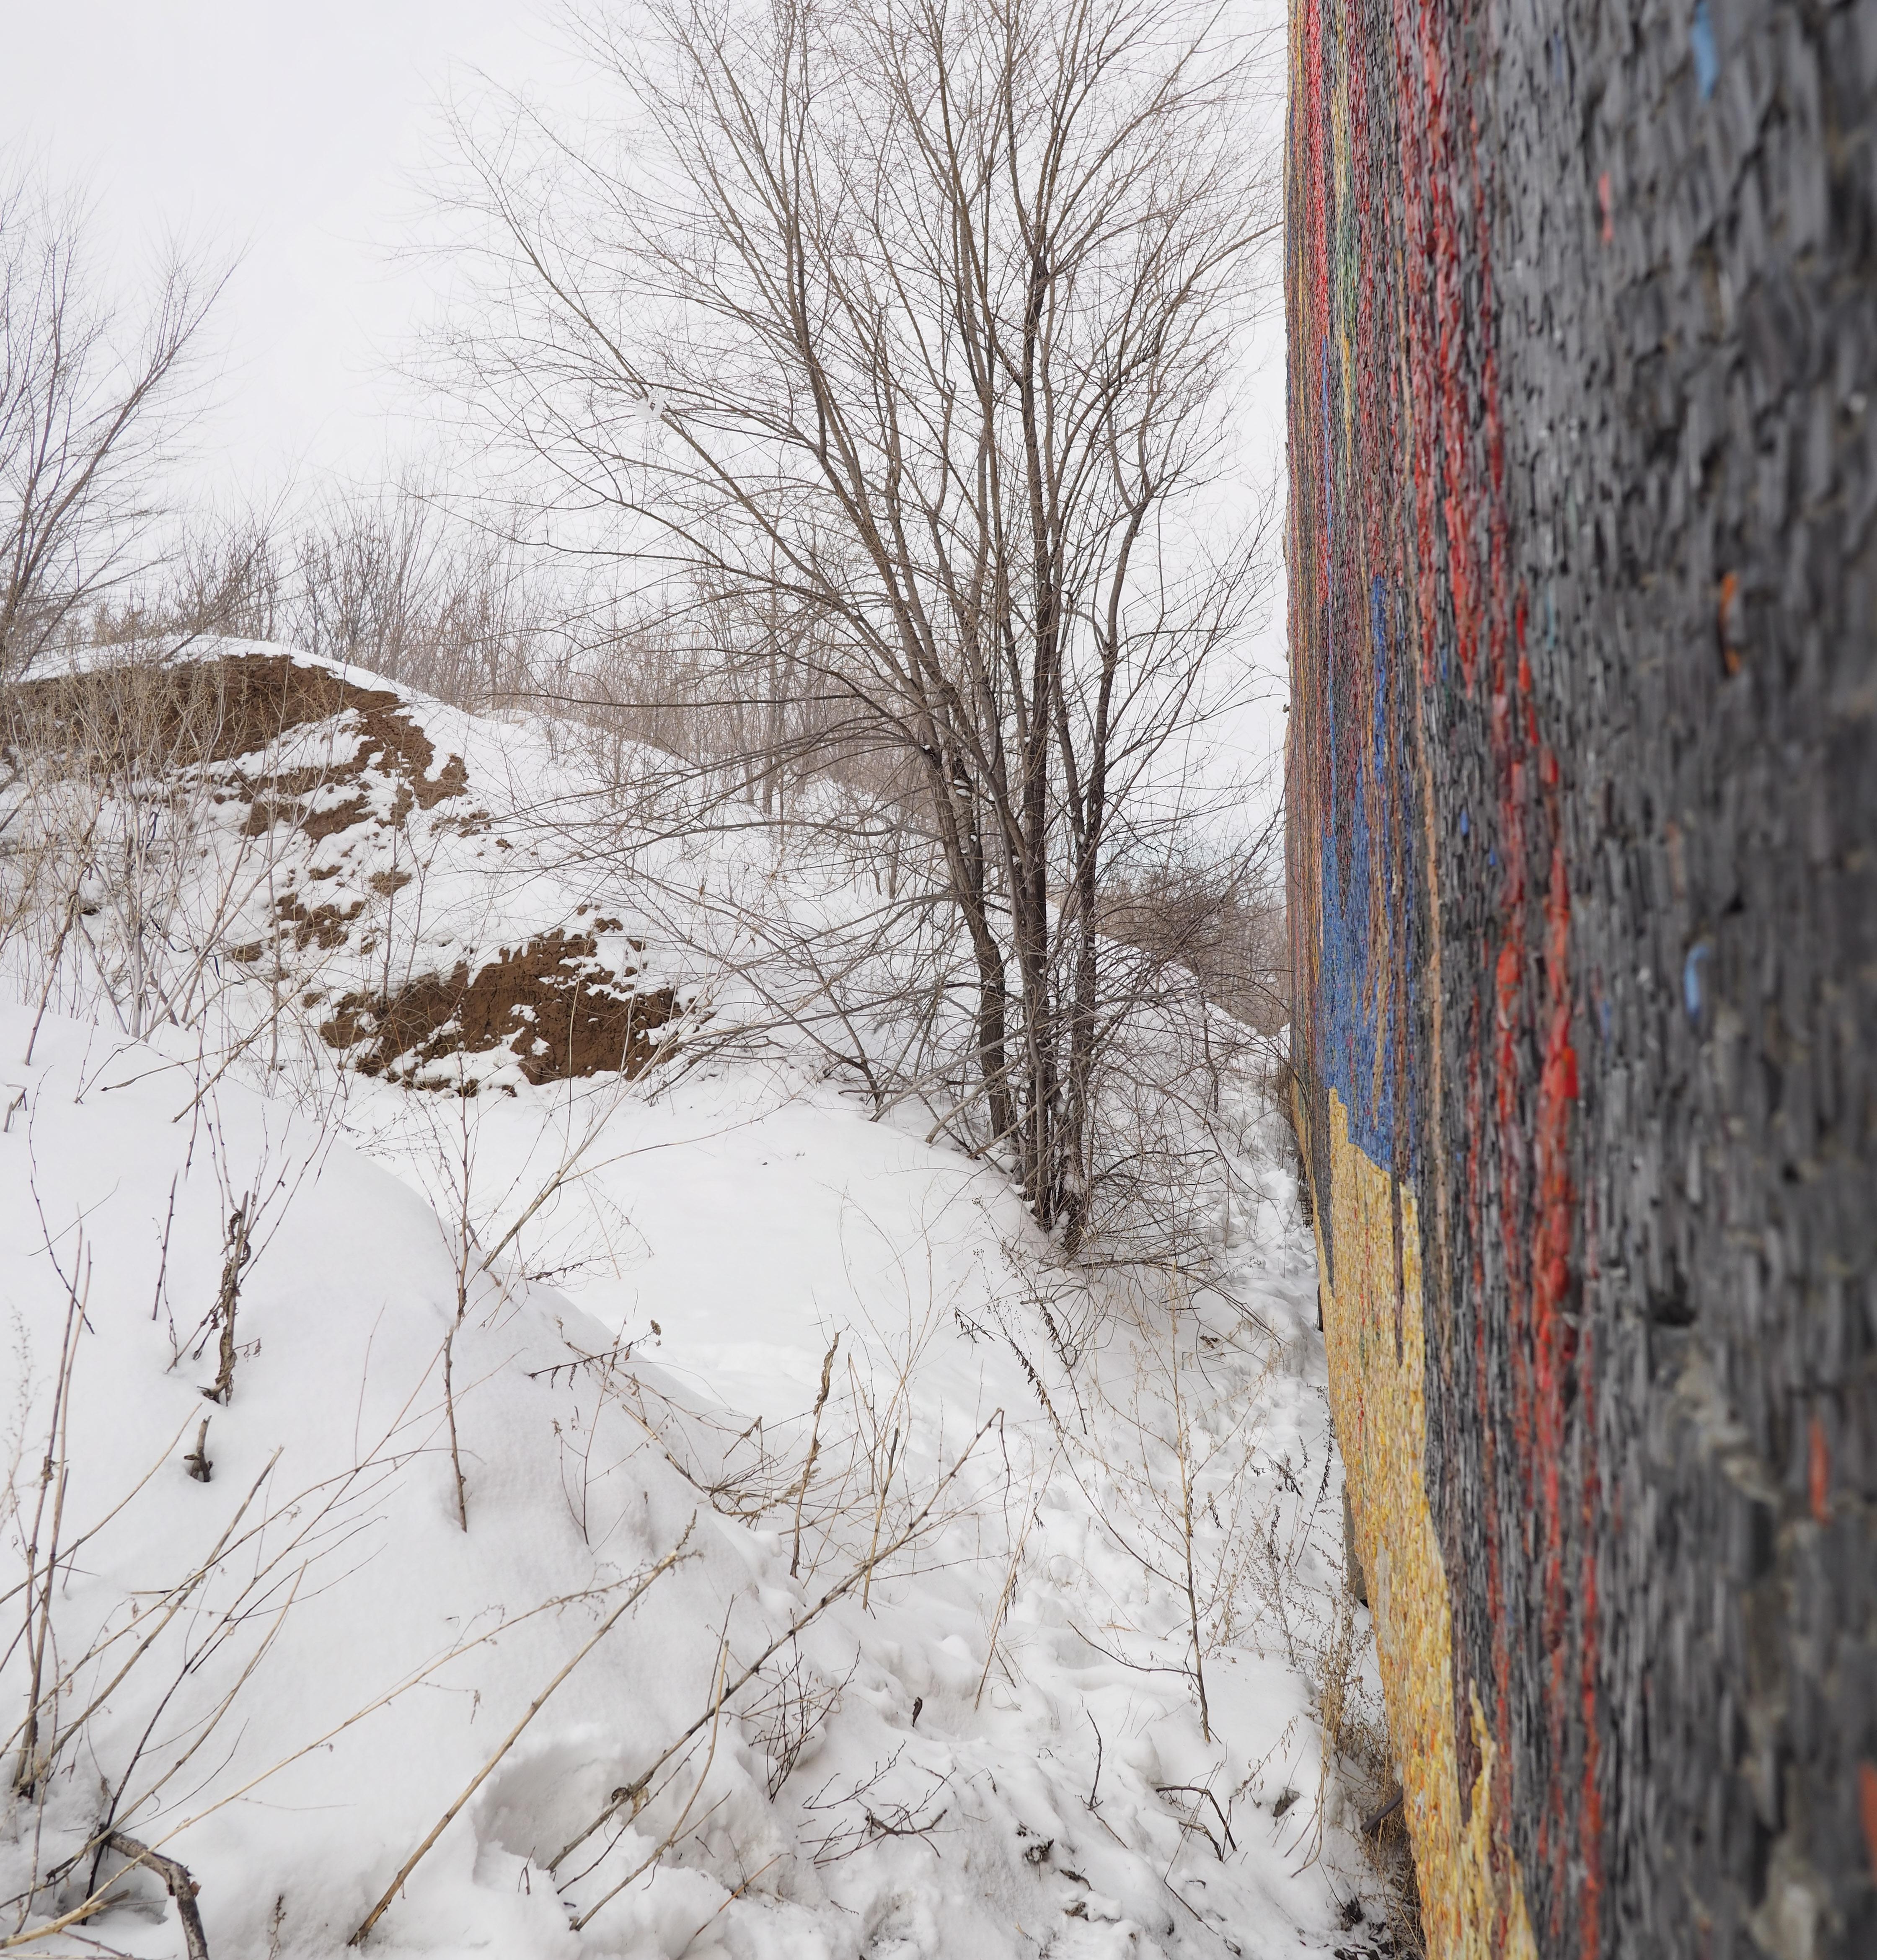 Разрушающаяся стела «Радость труда» в Тольятти, 1 марта 2016 года